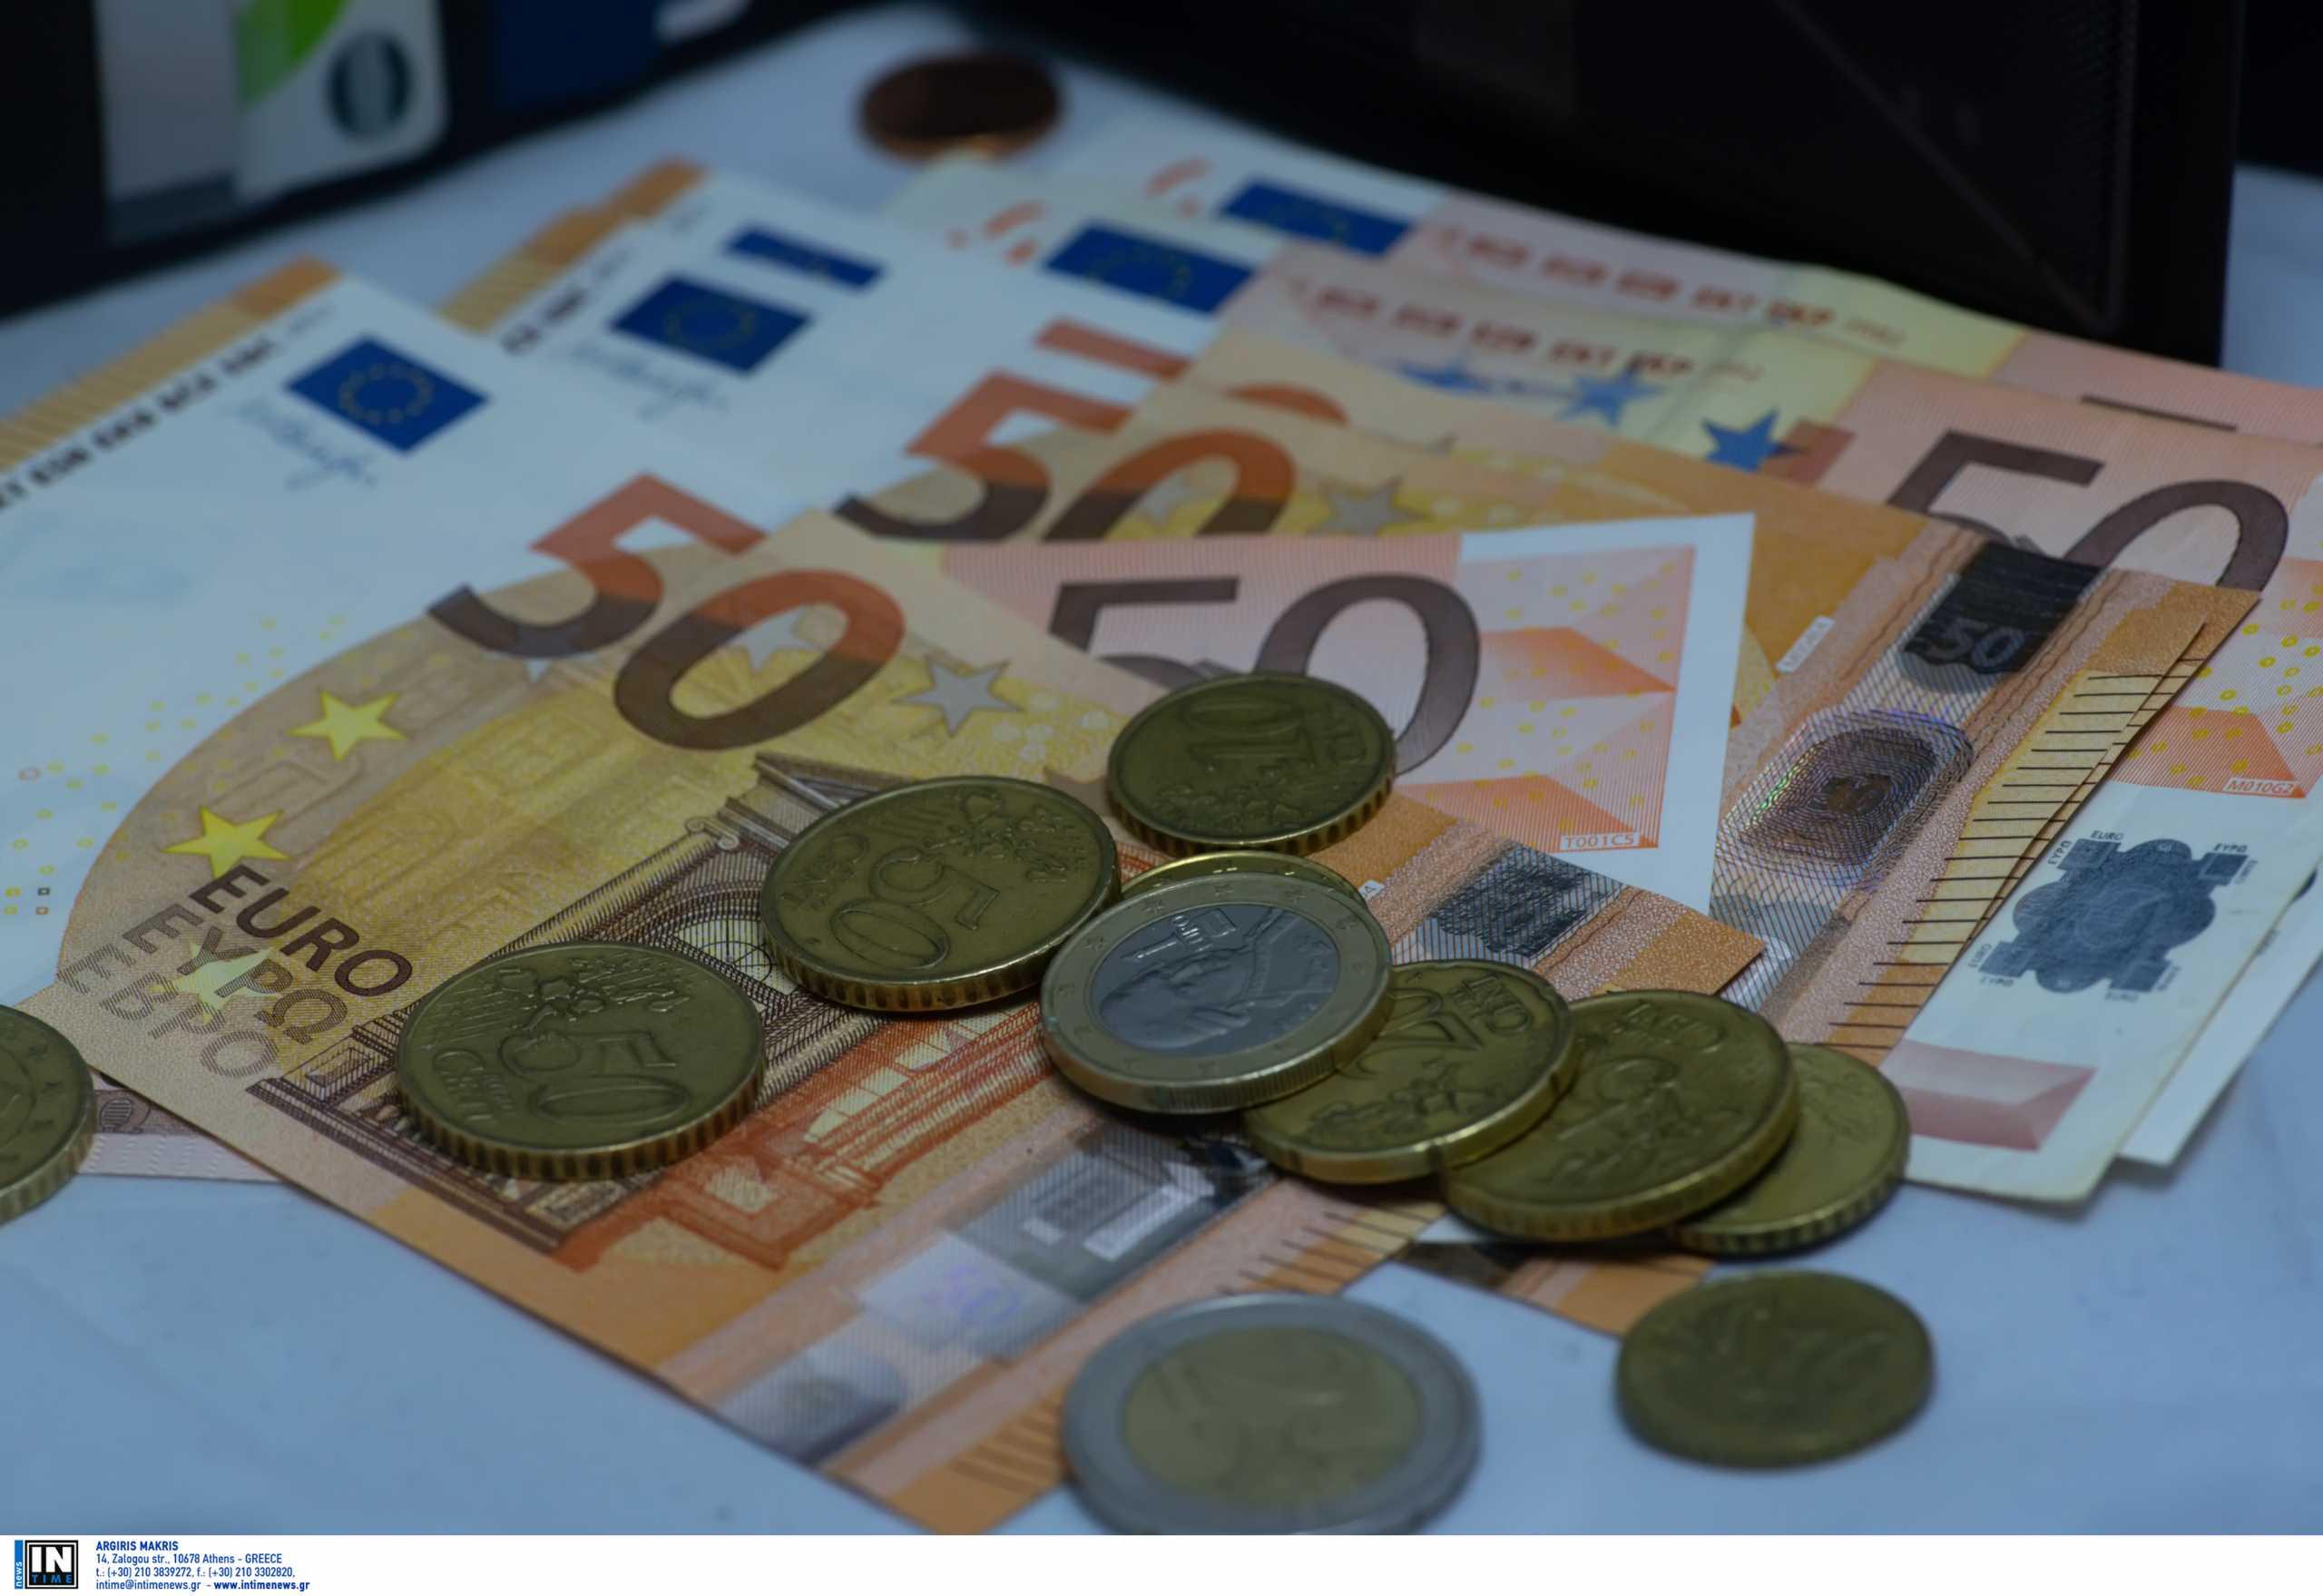 Στις αγορές με 30ετές ομόλογο βγαίνει η Ελλάδα